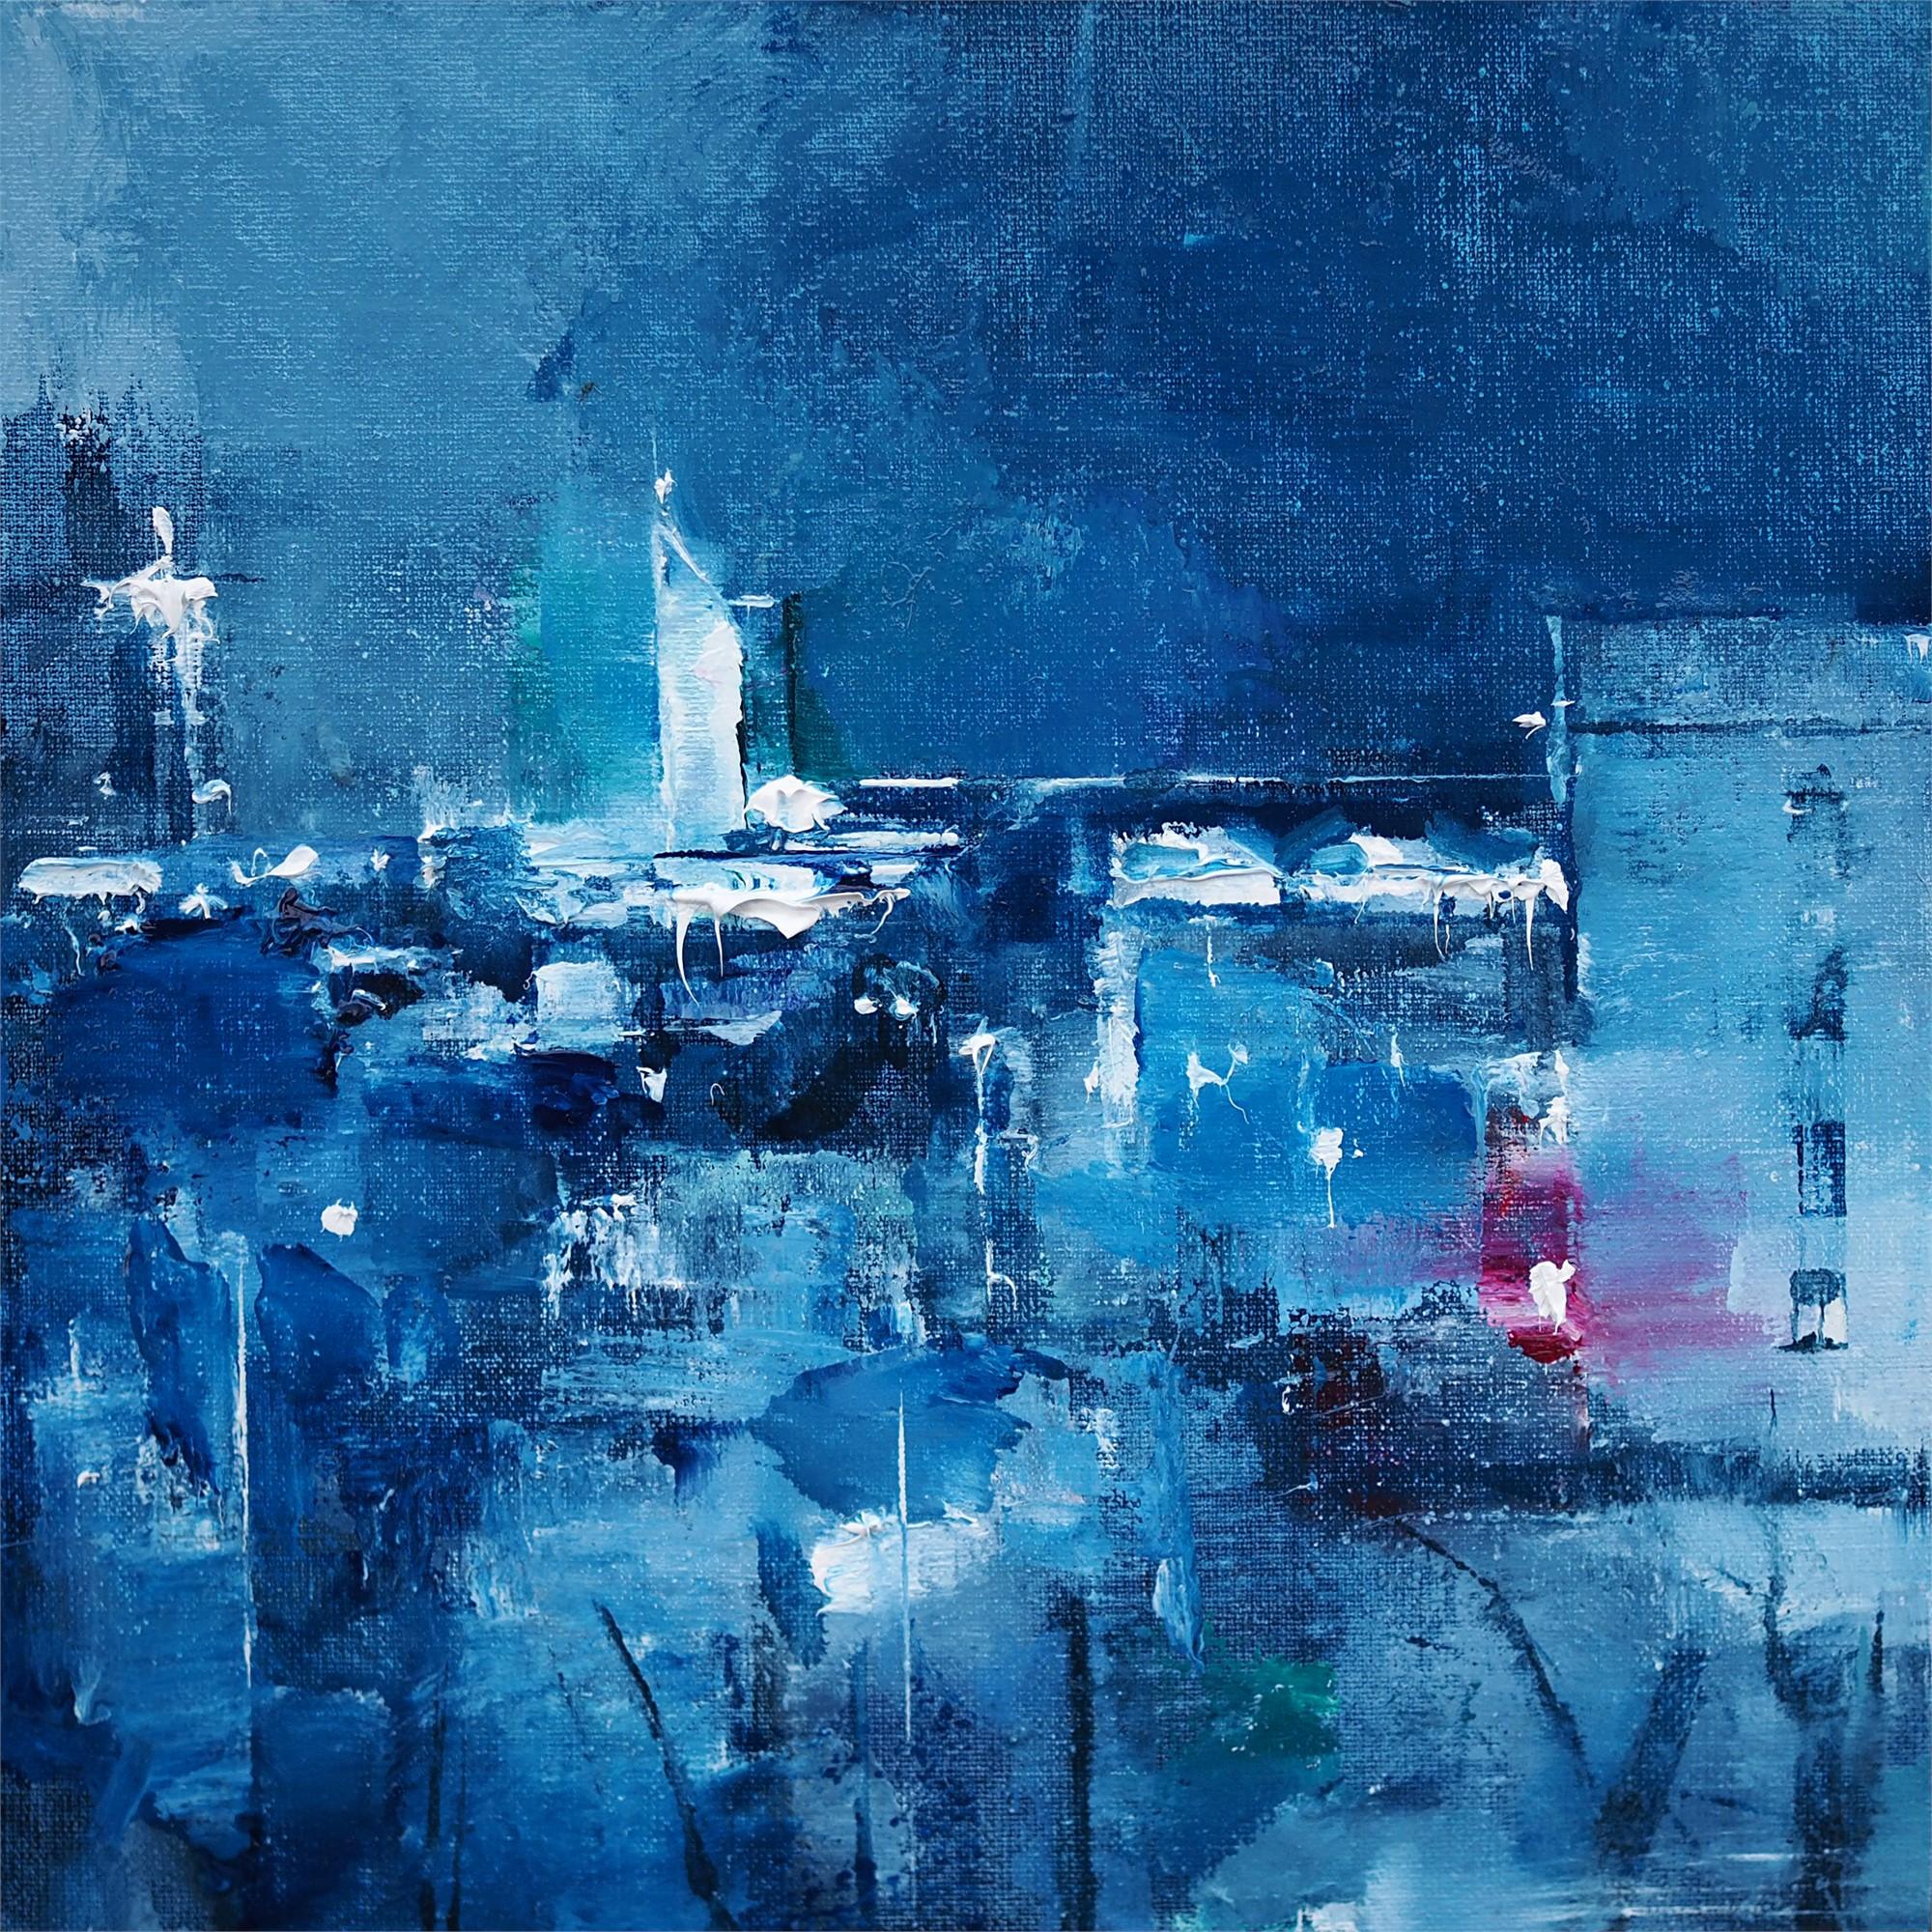 Blue Nights by Heiko Mattausch